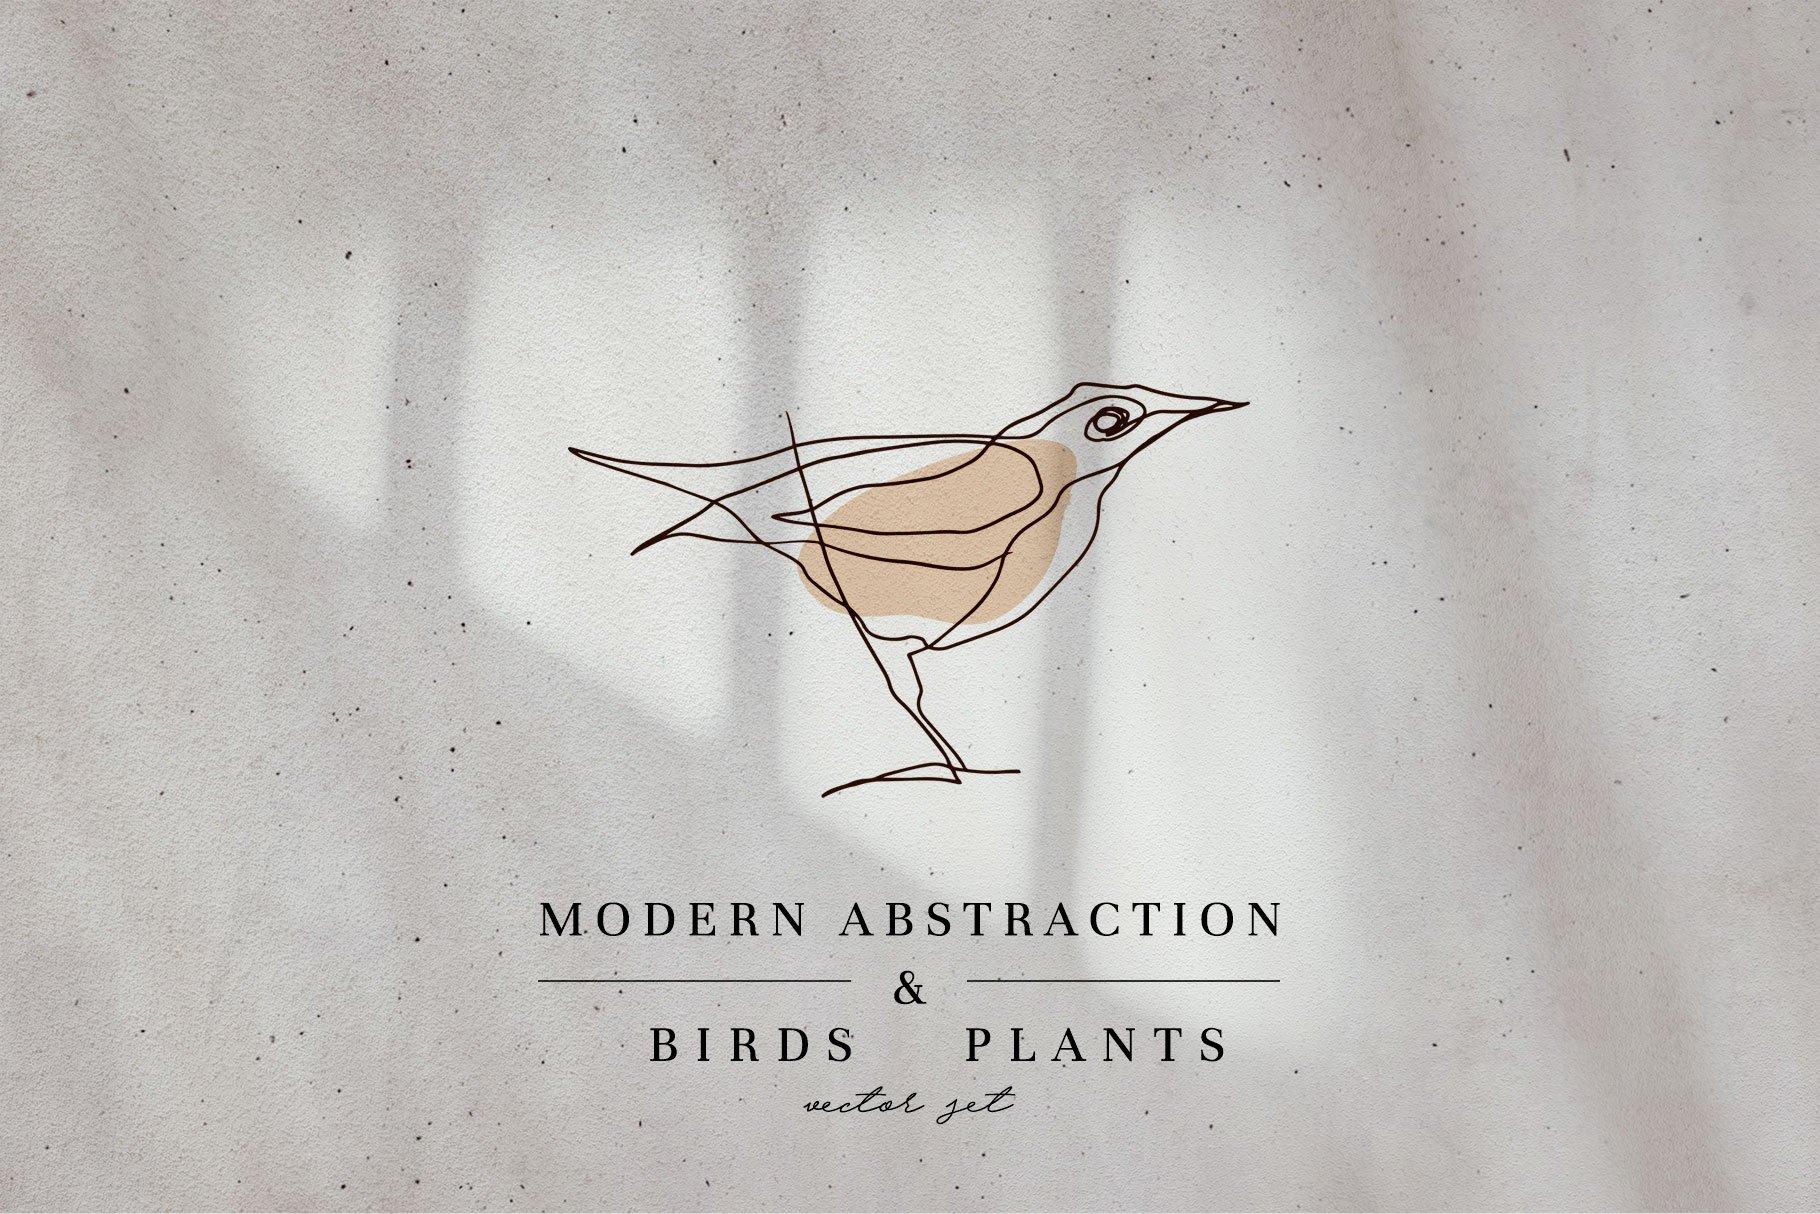 现代抽象几何图形鸟类矢量线条设计素材 Modern Abstraction Birds & Plants插图